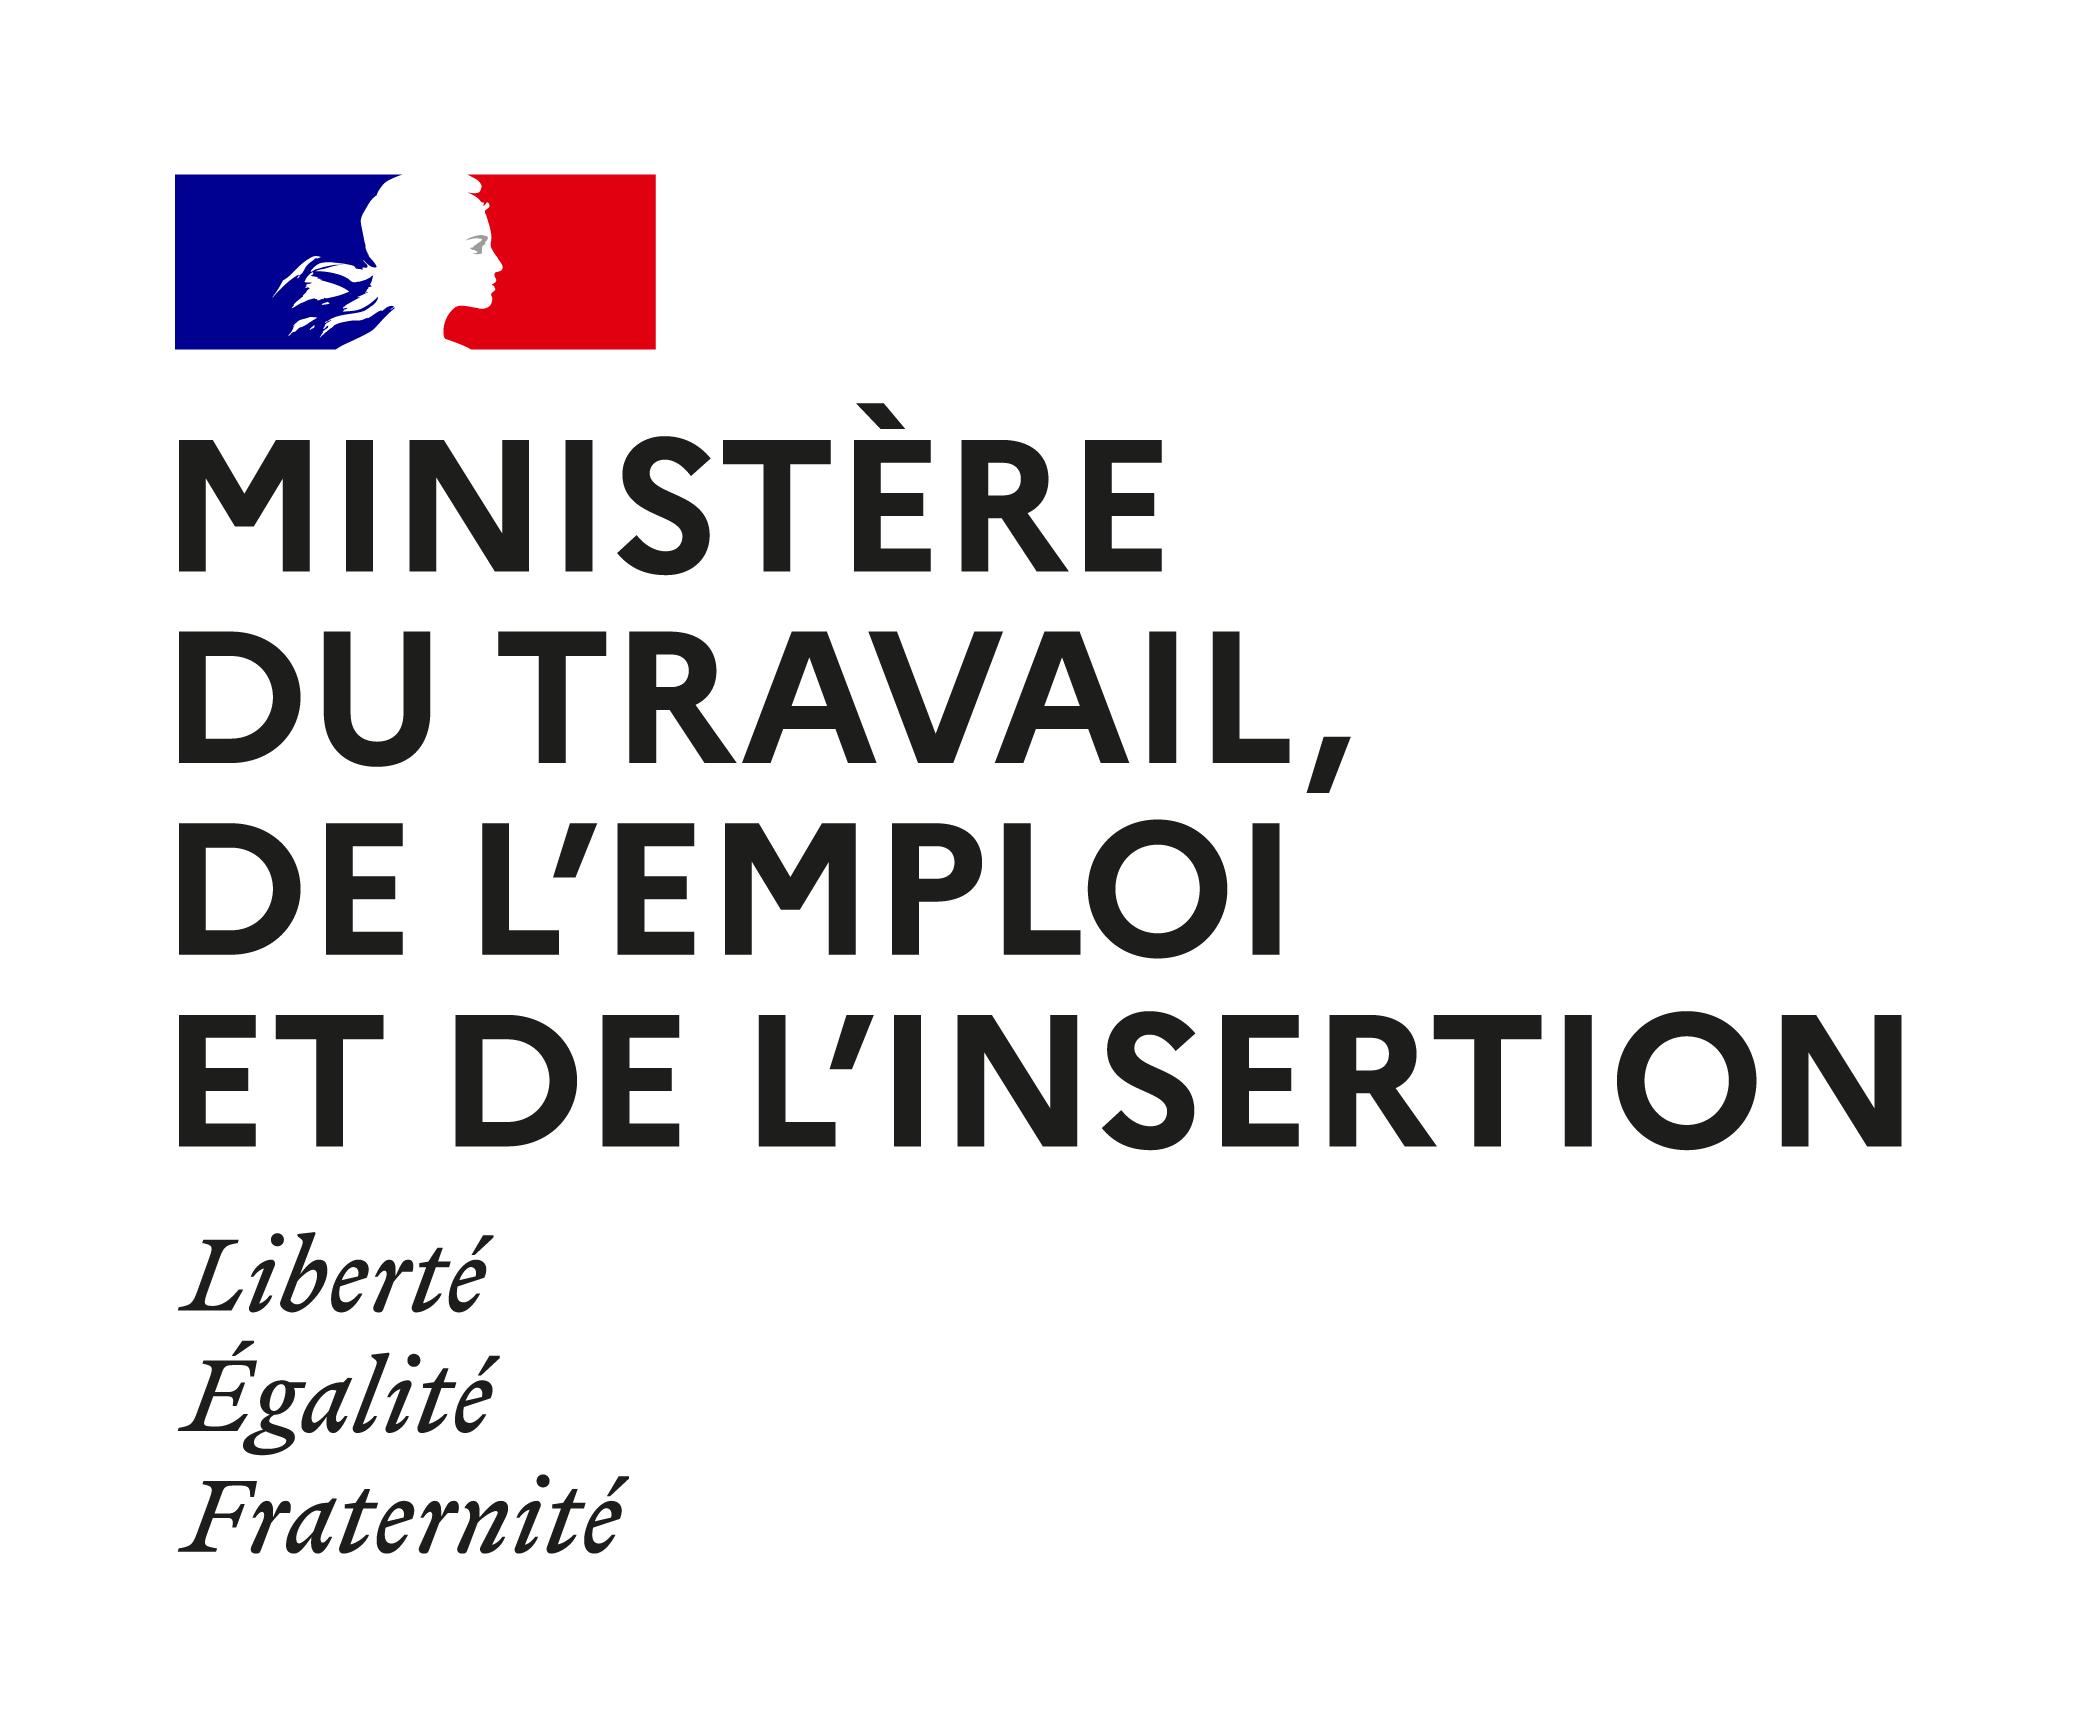 logo ministère du travail, de l'emploi et de l'insertion,